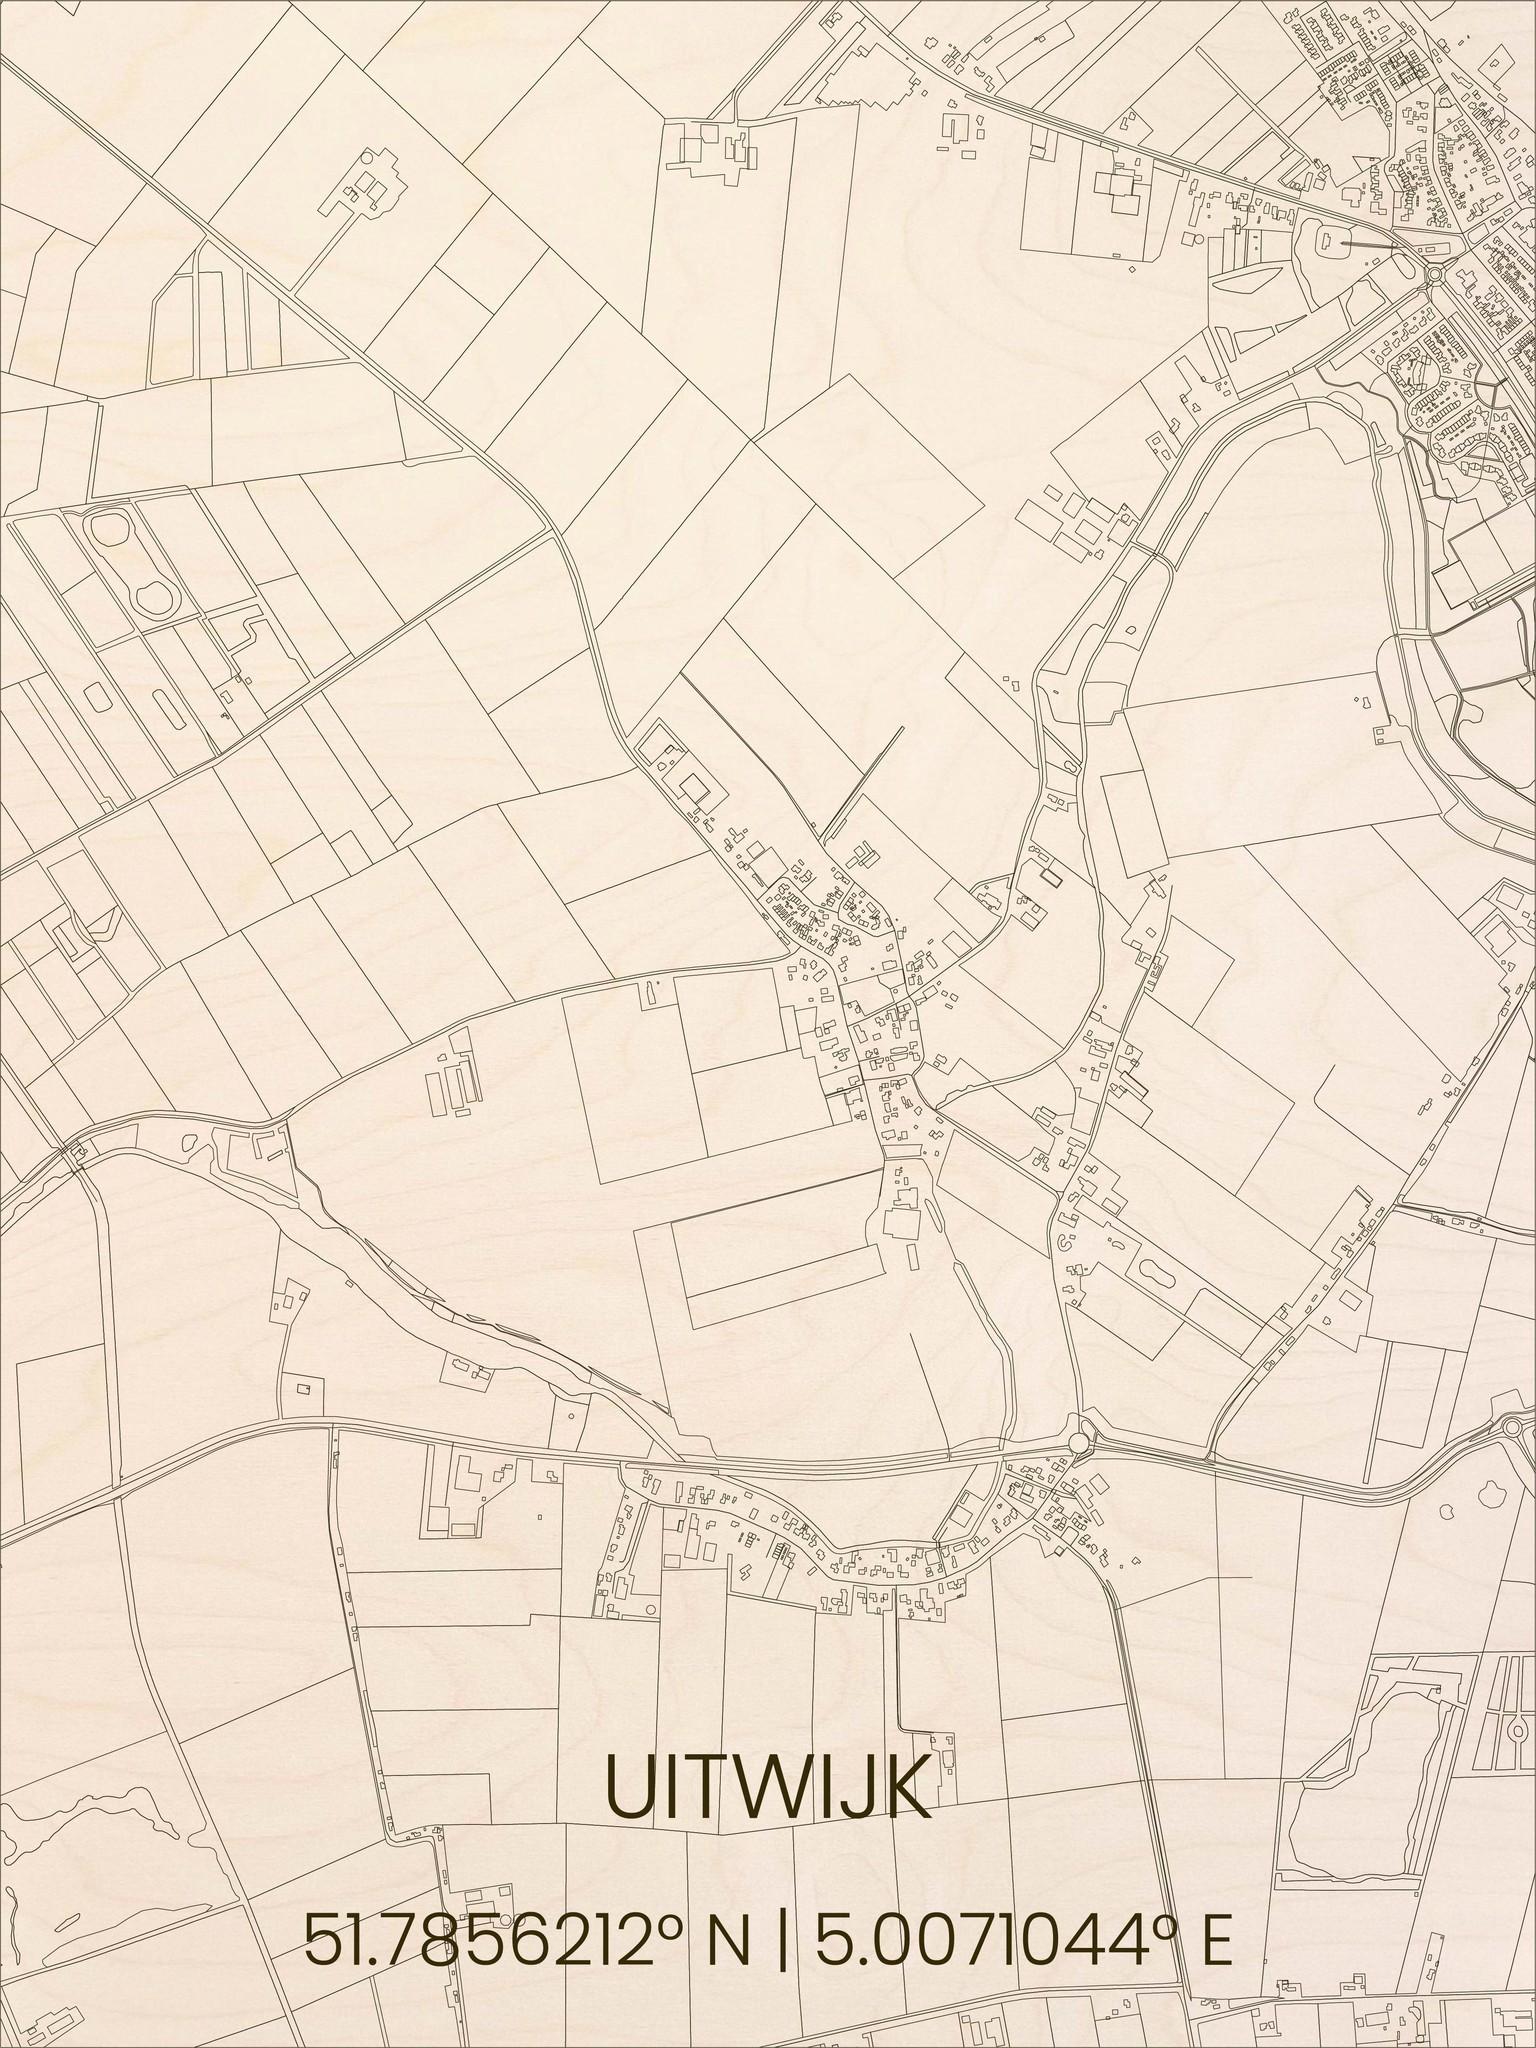 Houten stadsplattegrond Uitwijk-1